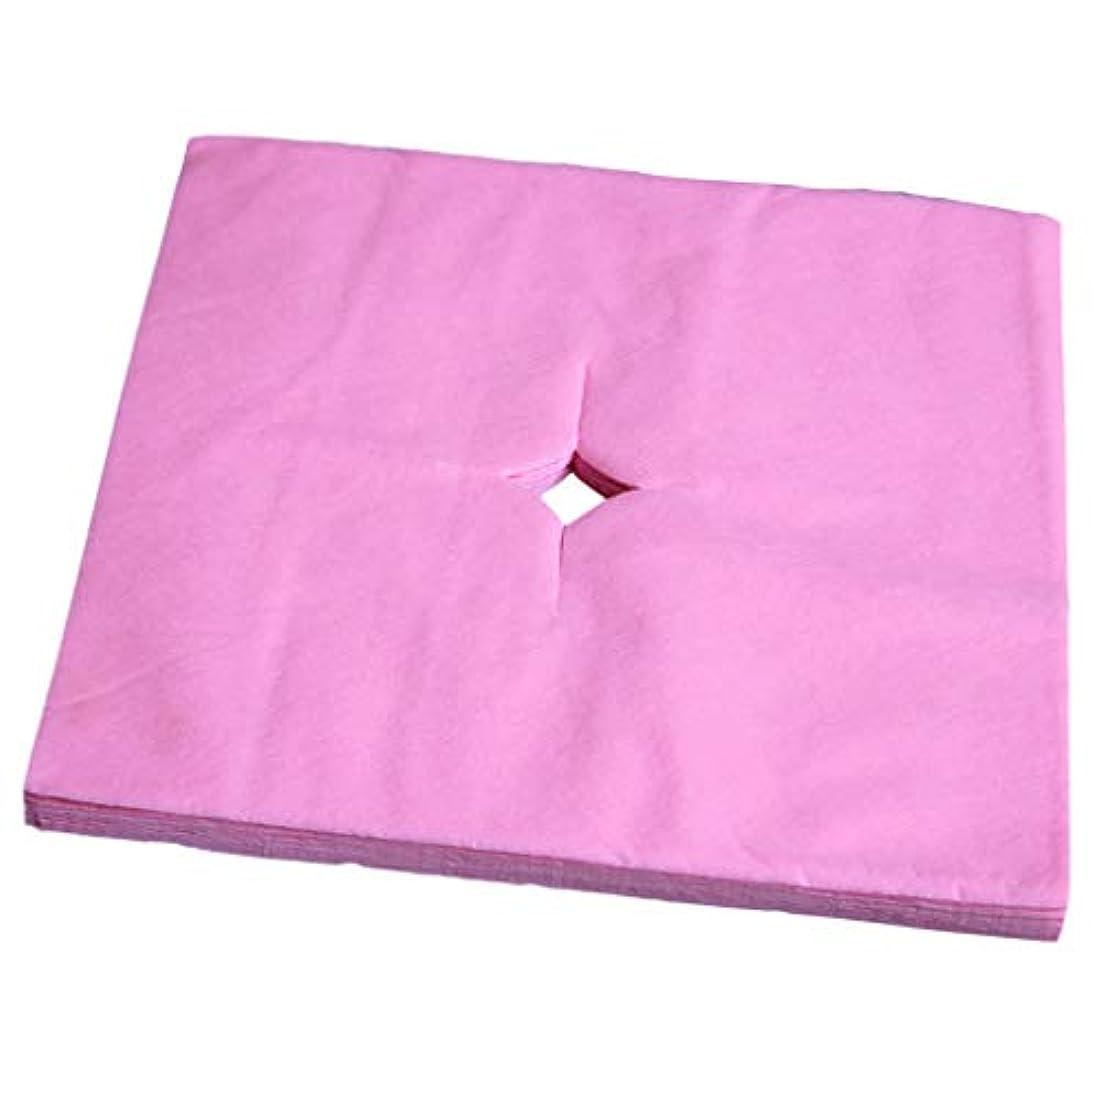 一掃する仮定アパートフェイスクレードルカバー 使い捨て 寝具カバー 不織布 柔らかい 便利 衛生的 全3色 - ピンク